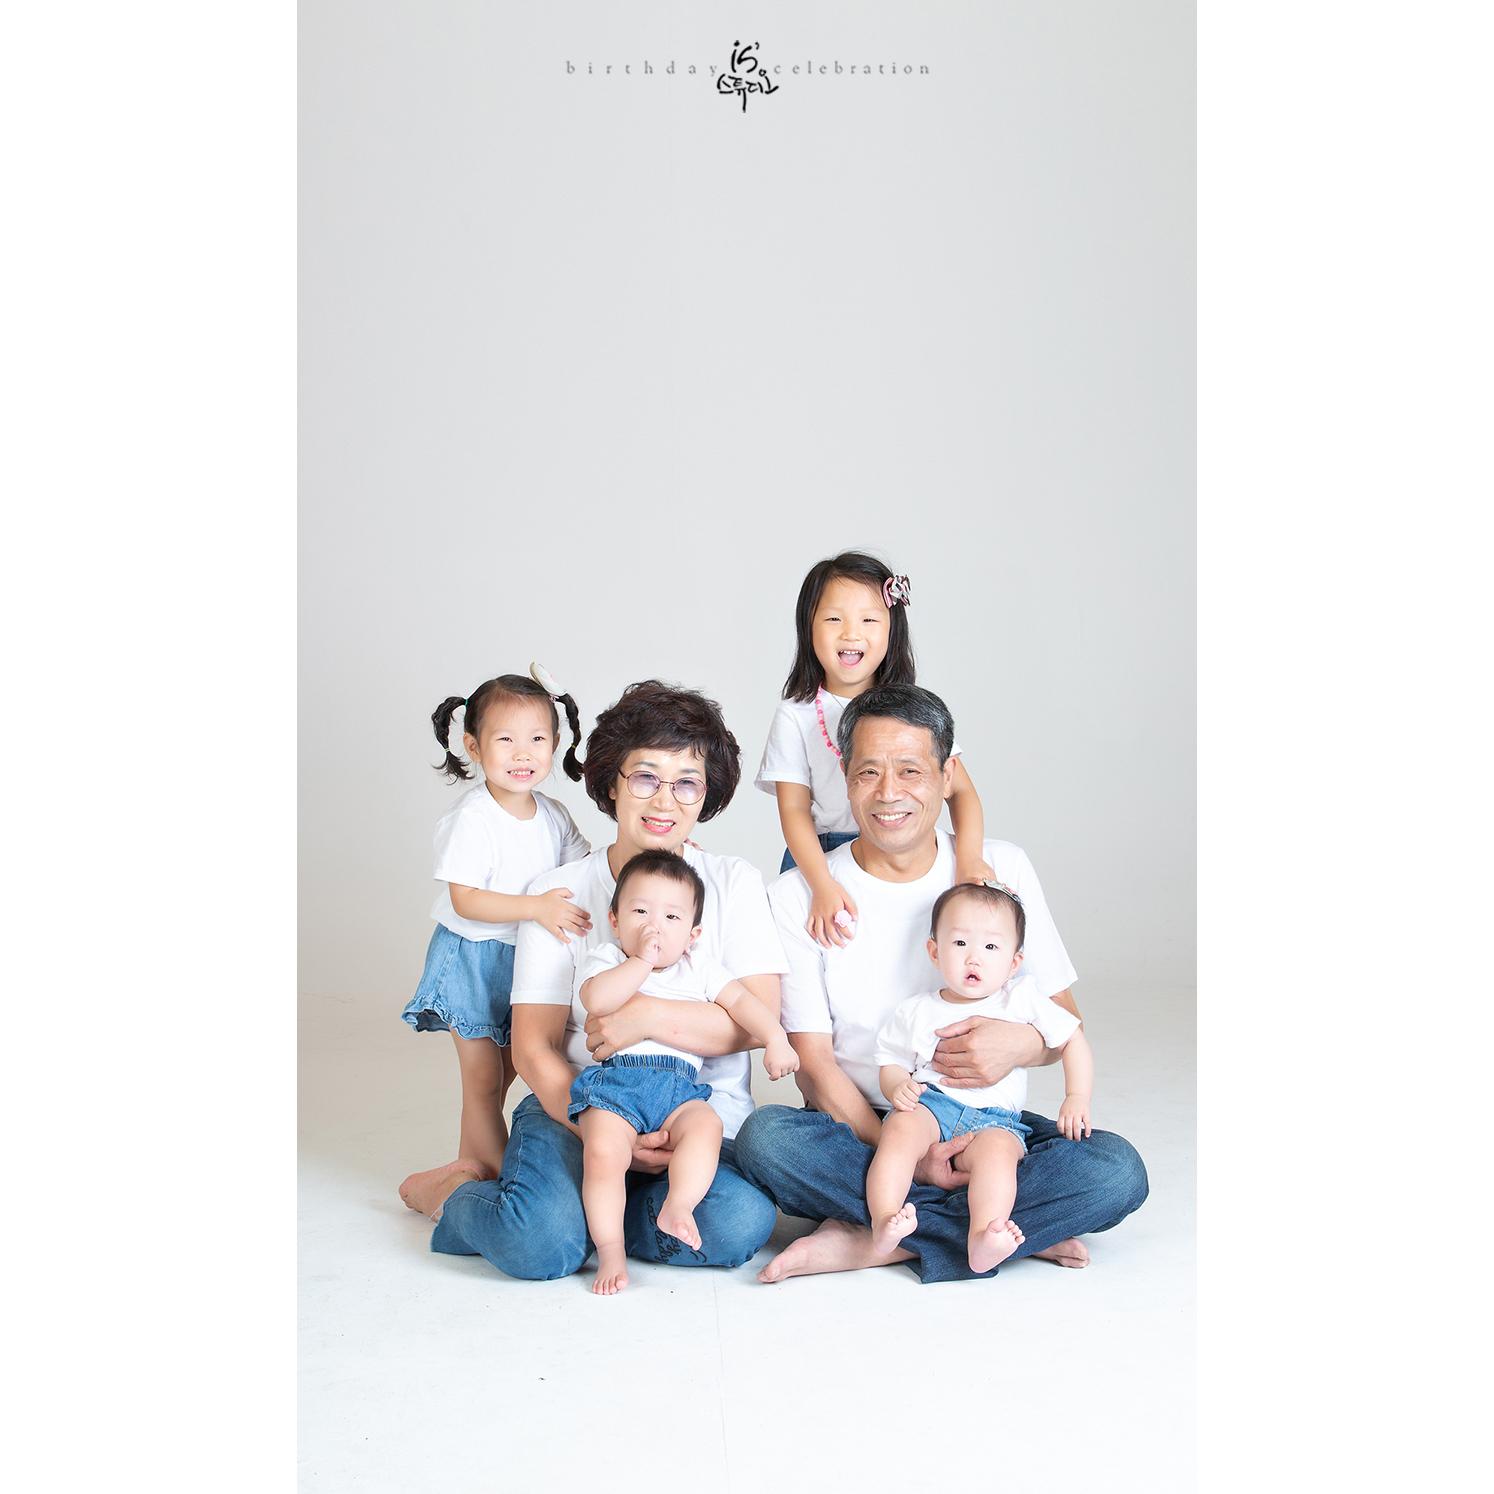 소중한 한장의 사진 가족사진